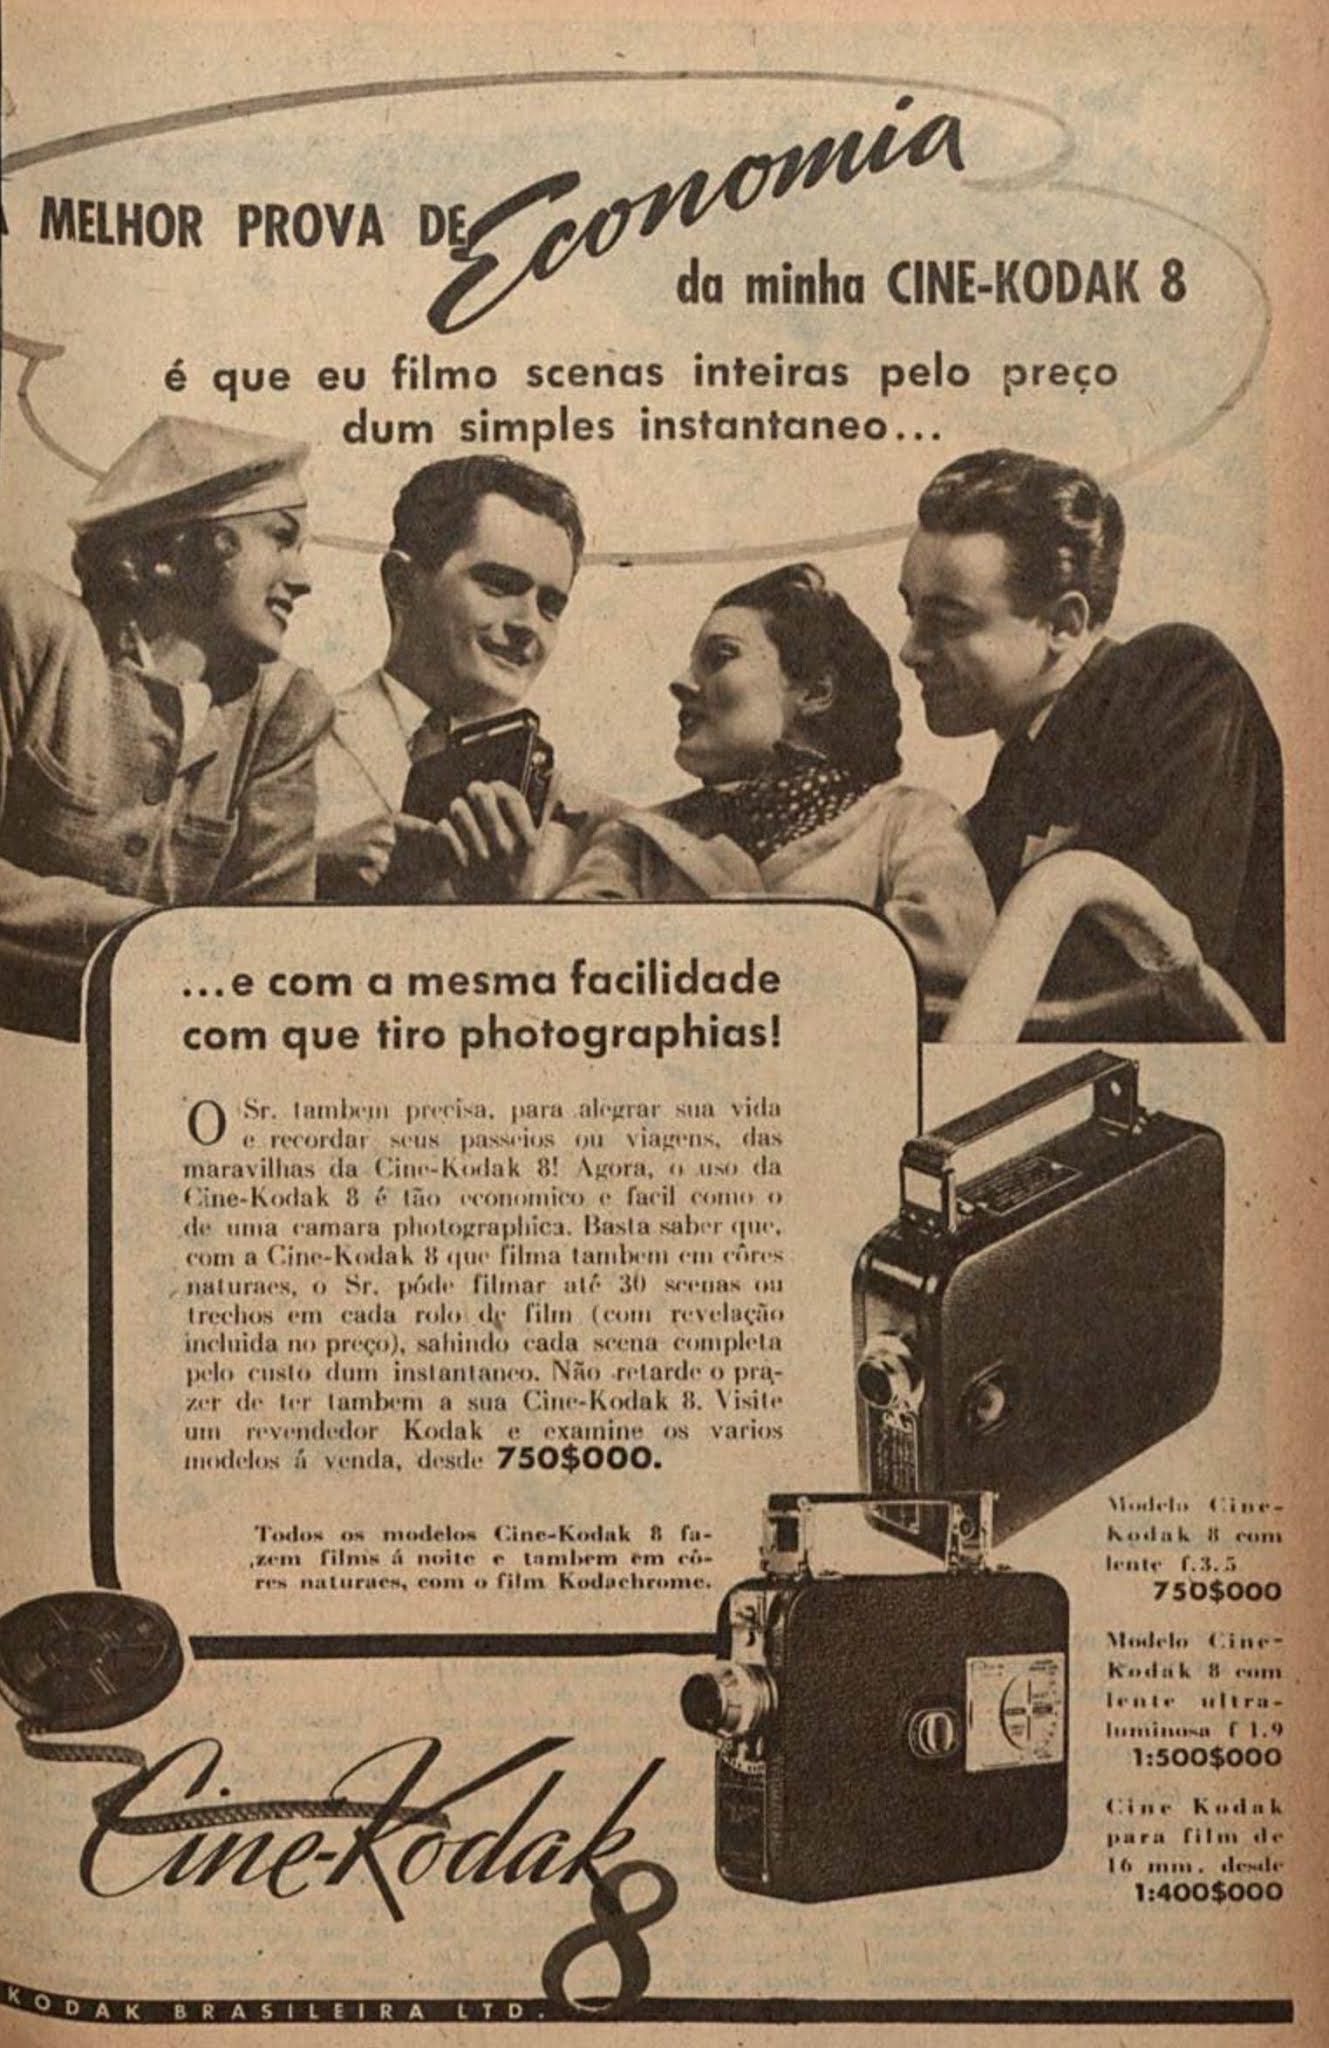 Anúncio antigo da Kodak promovendo sua filmadora portátil em 1941